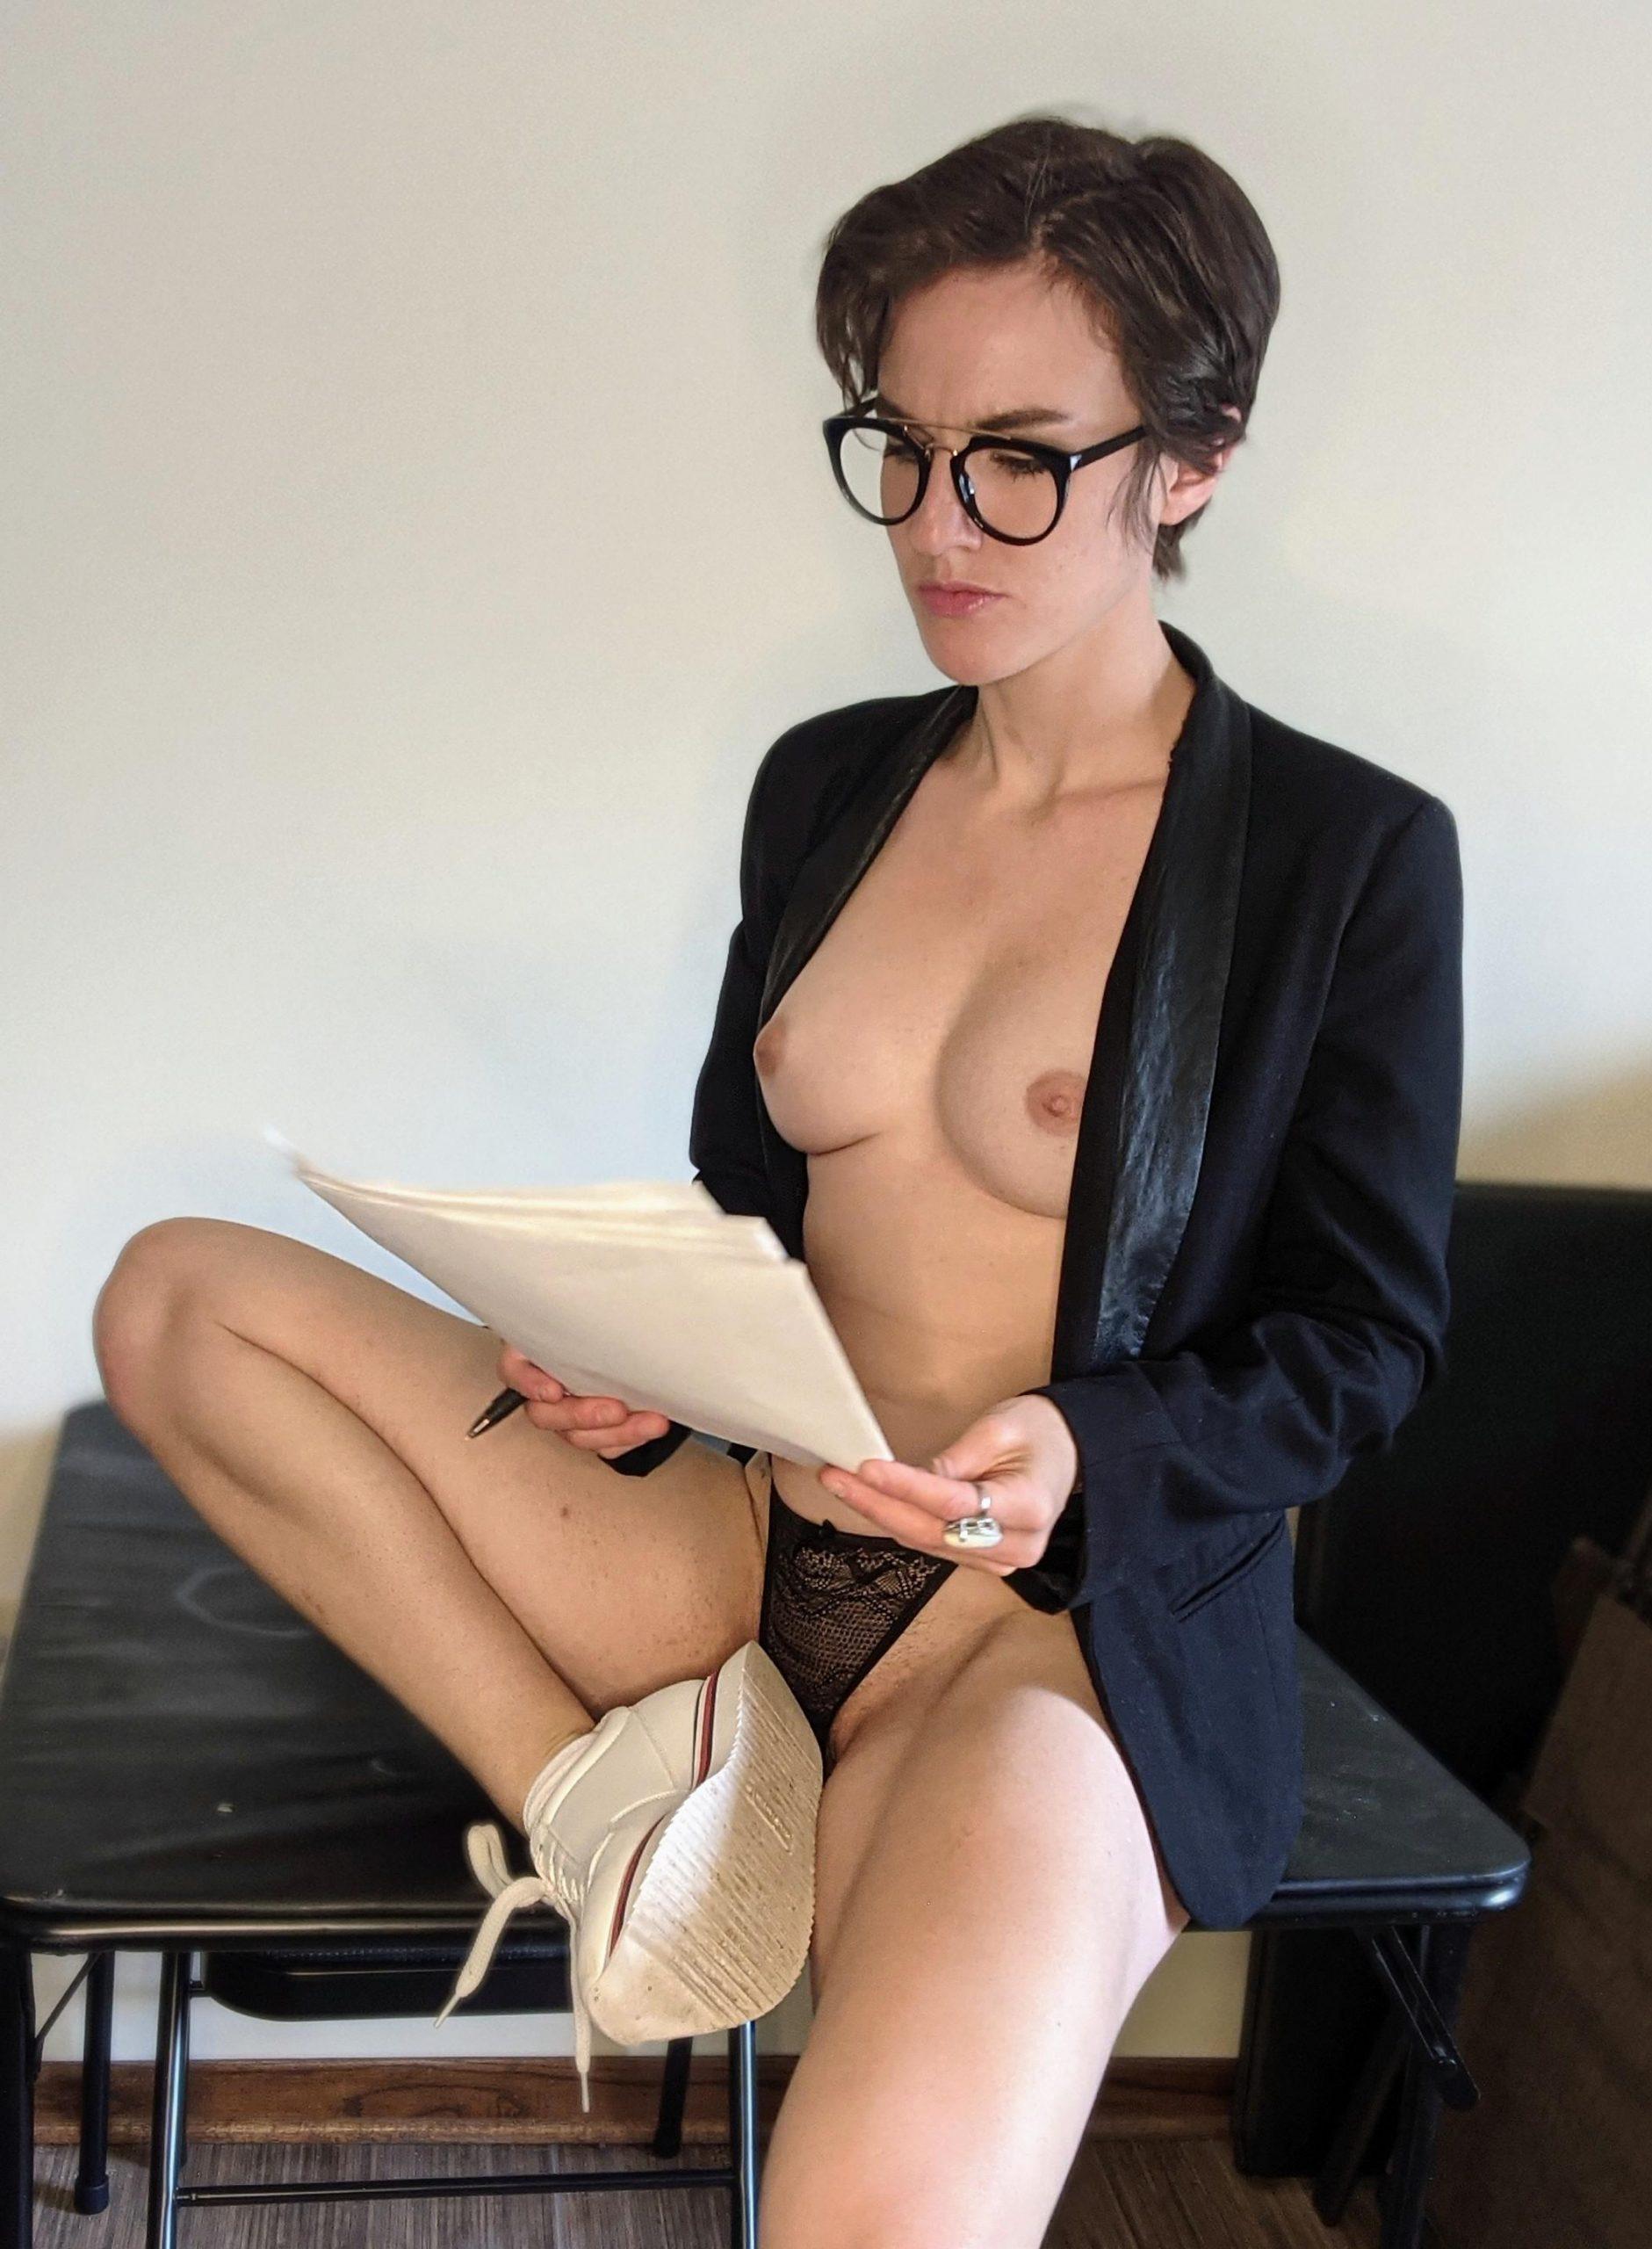 Rachel Maddow Portrayed By Handsy B